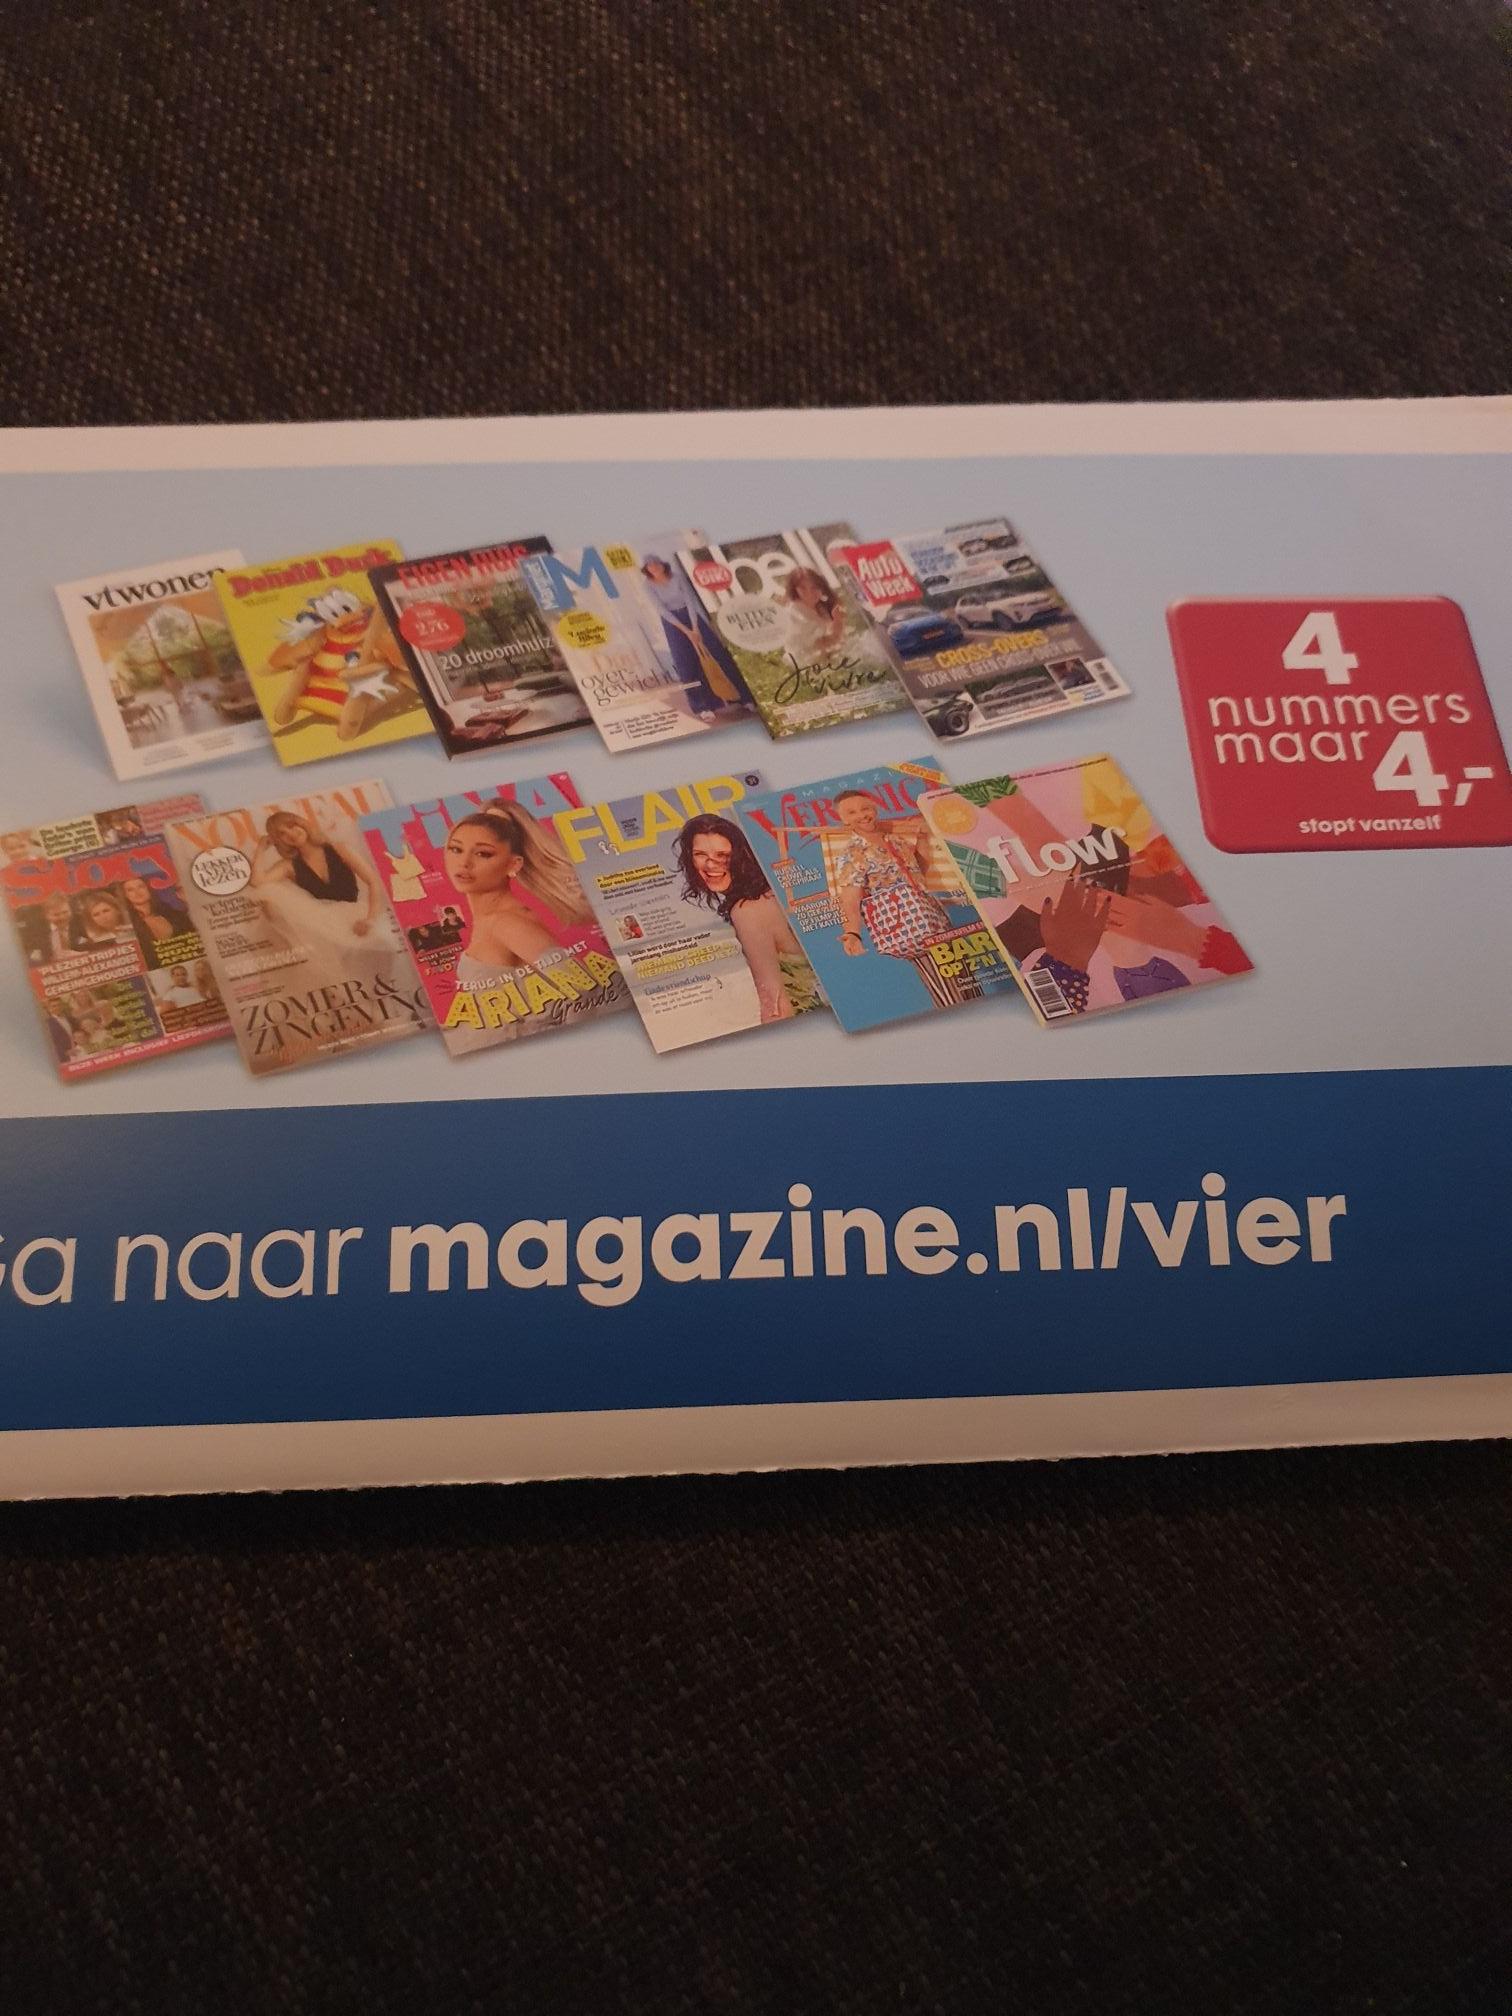 Verschillende magazines o.a. Vtwonen en Donald duck 4 nummers voor €4